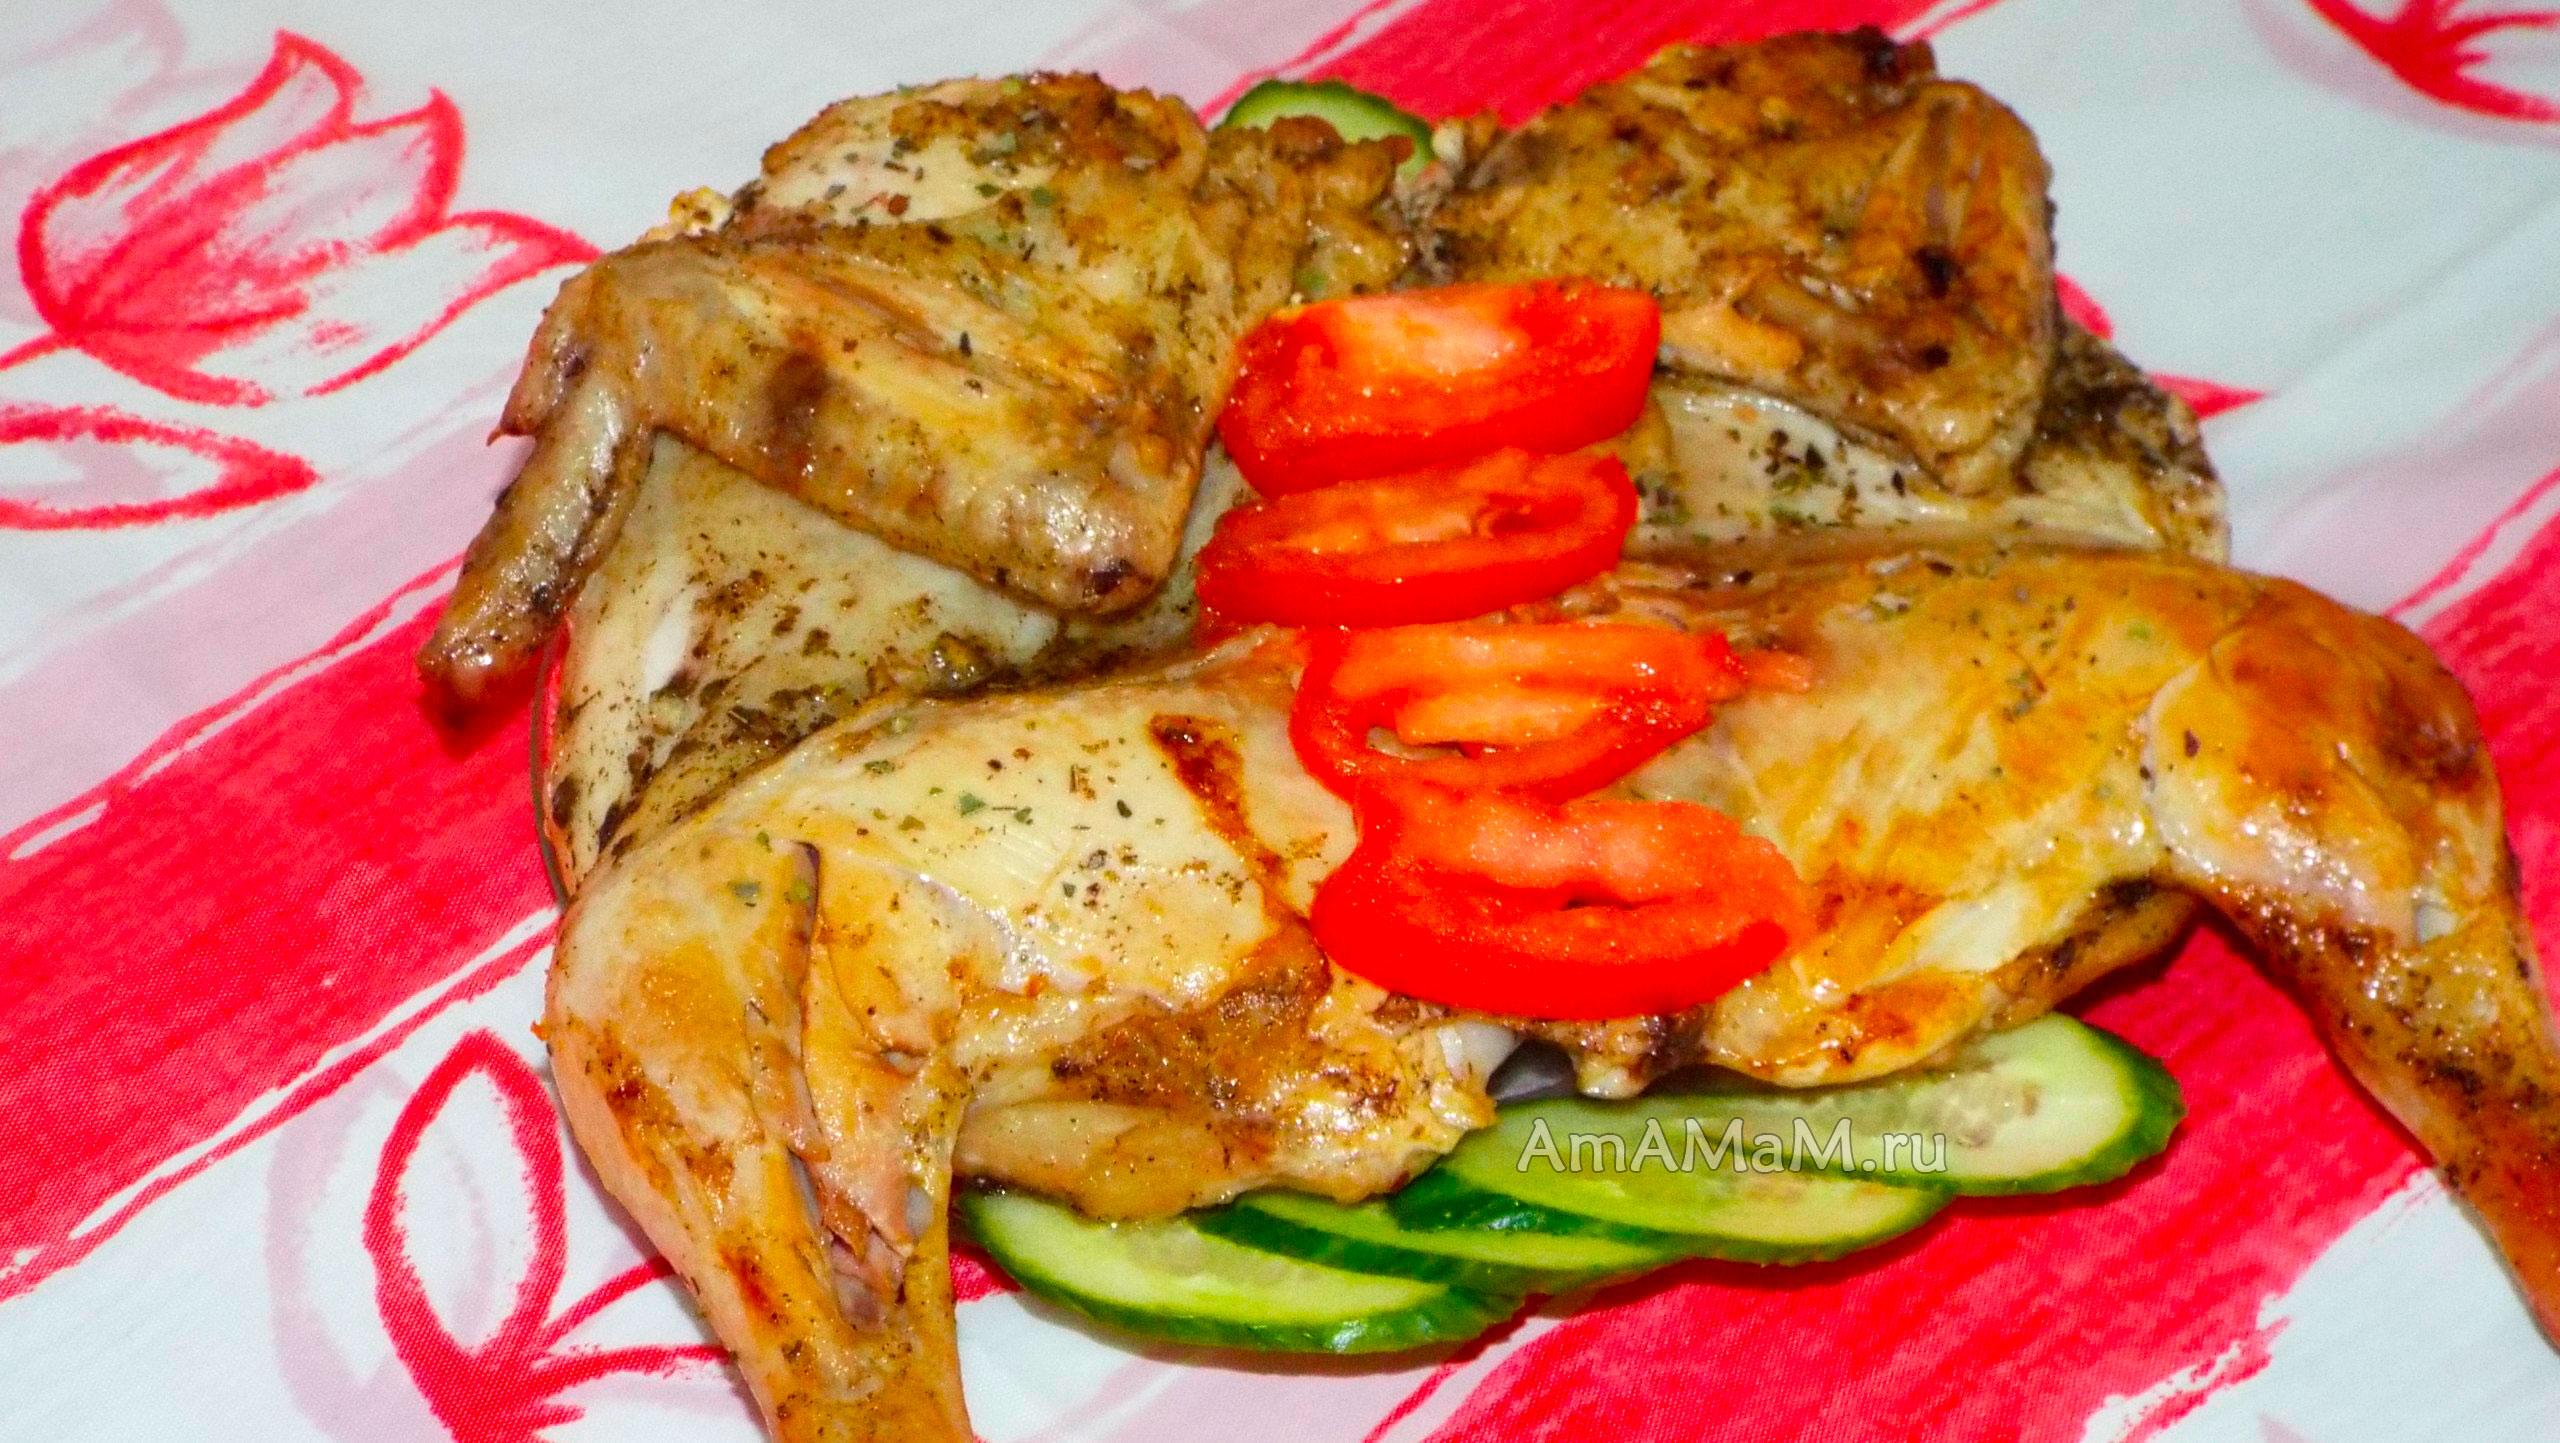 Блюда с мультиварки филипс